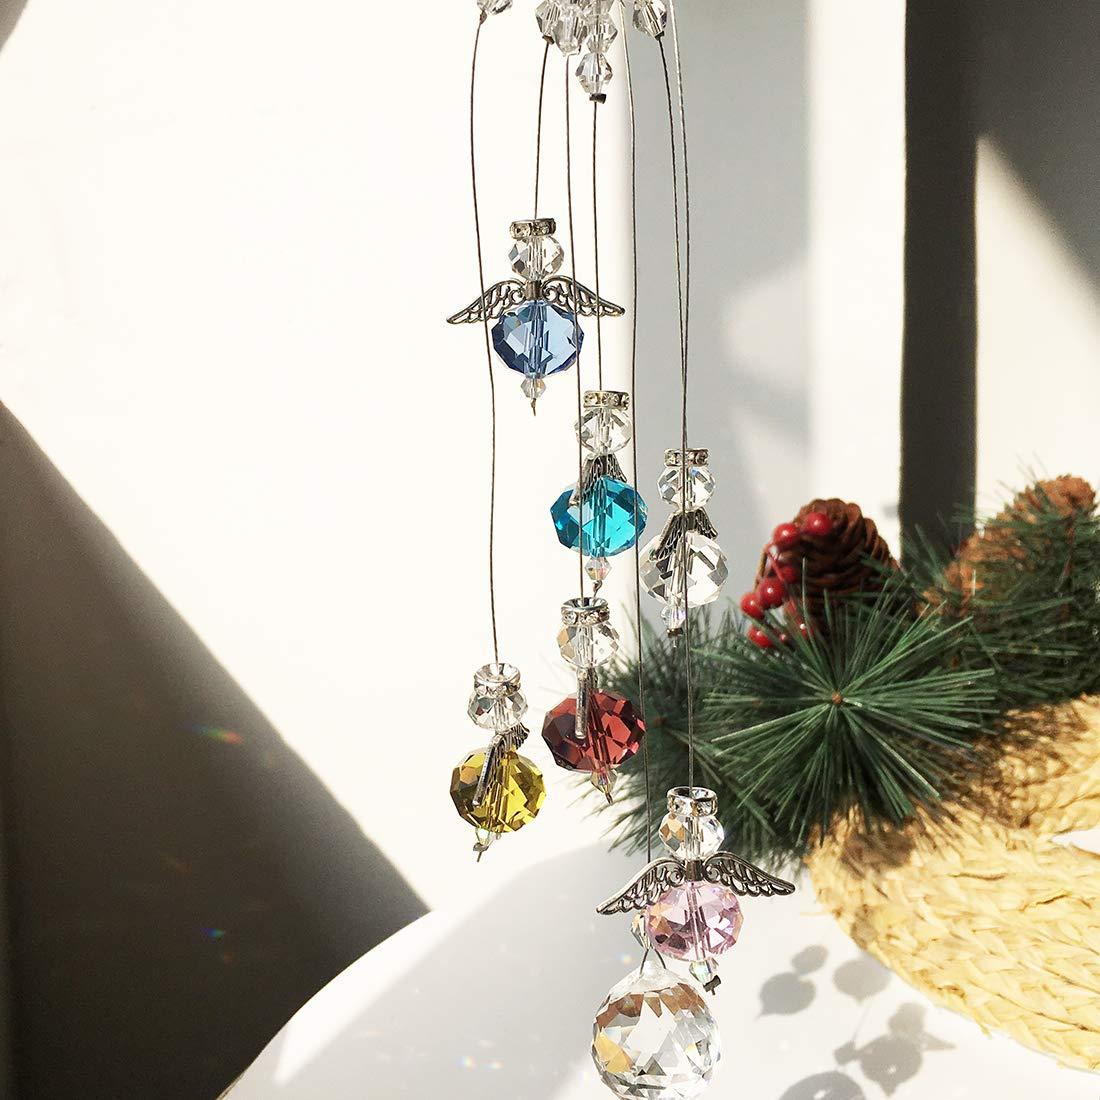 Dekoration f/ür Geburtstag Garten Fenster Party Sonnenf/änger mit Geschenkbox H/&D H/ängender Kristall-Kronleuchter Prismen-Anh/änger Kristalle